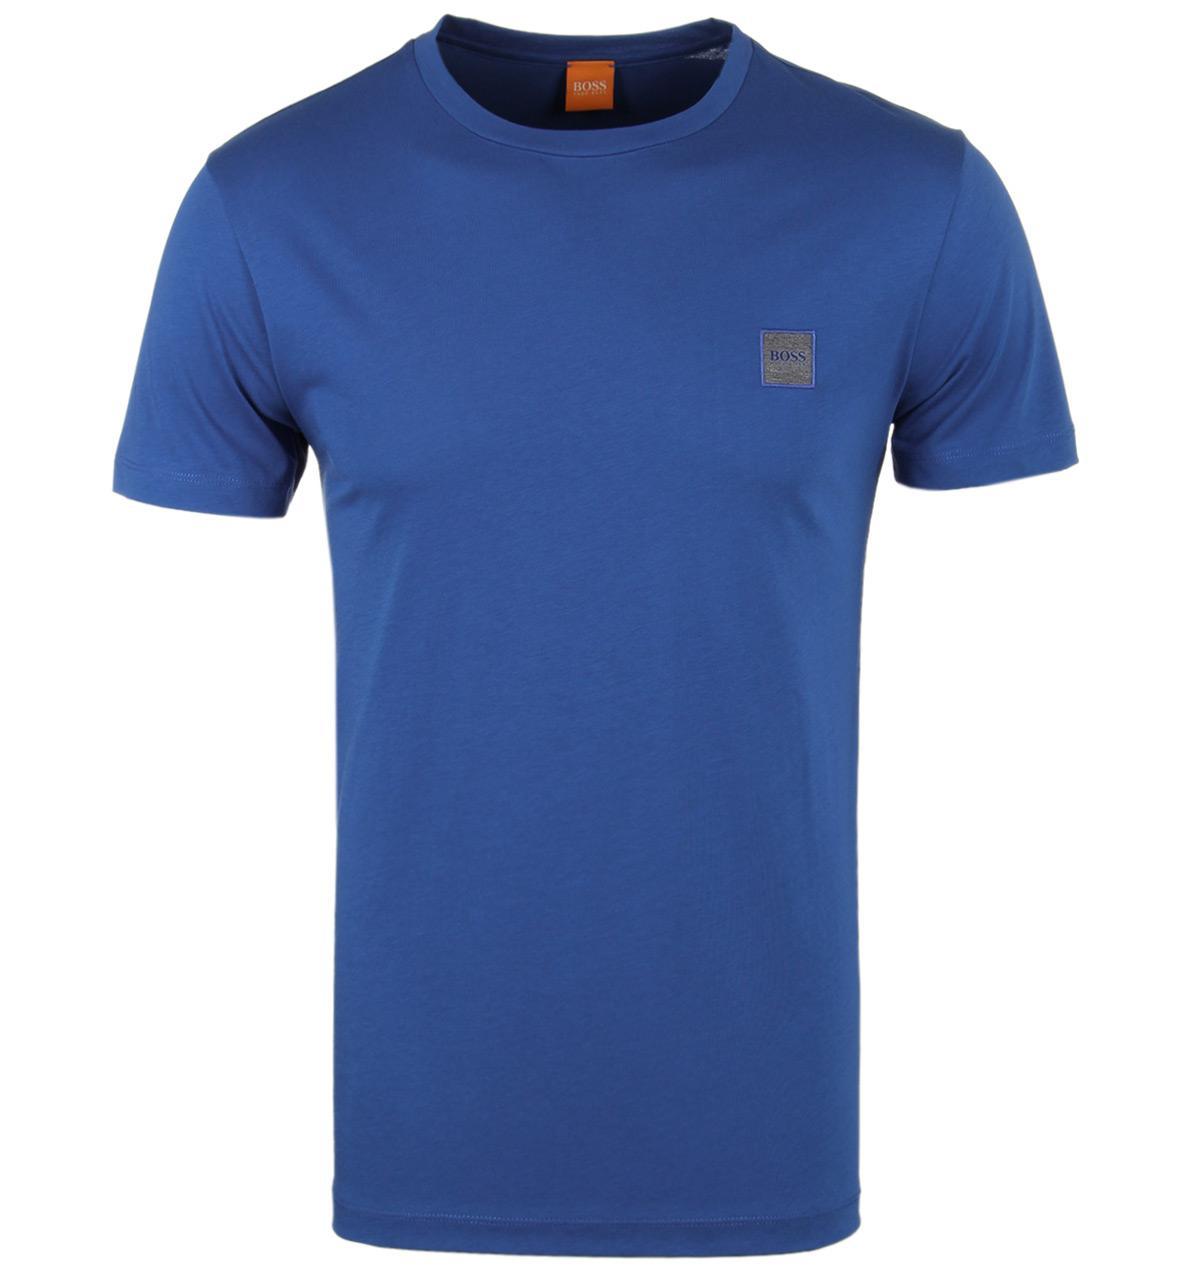 boss orange tommi uk blue jersey short sleeve t shirt in. Black Bedroom Furniture Sets. Home Design Ideas